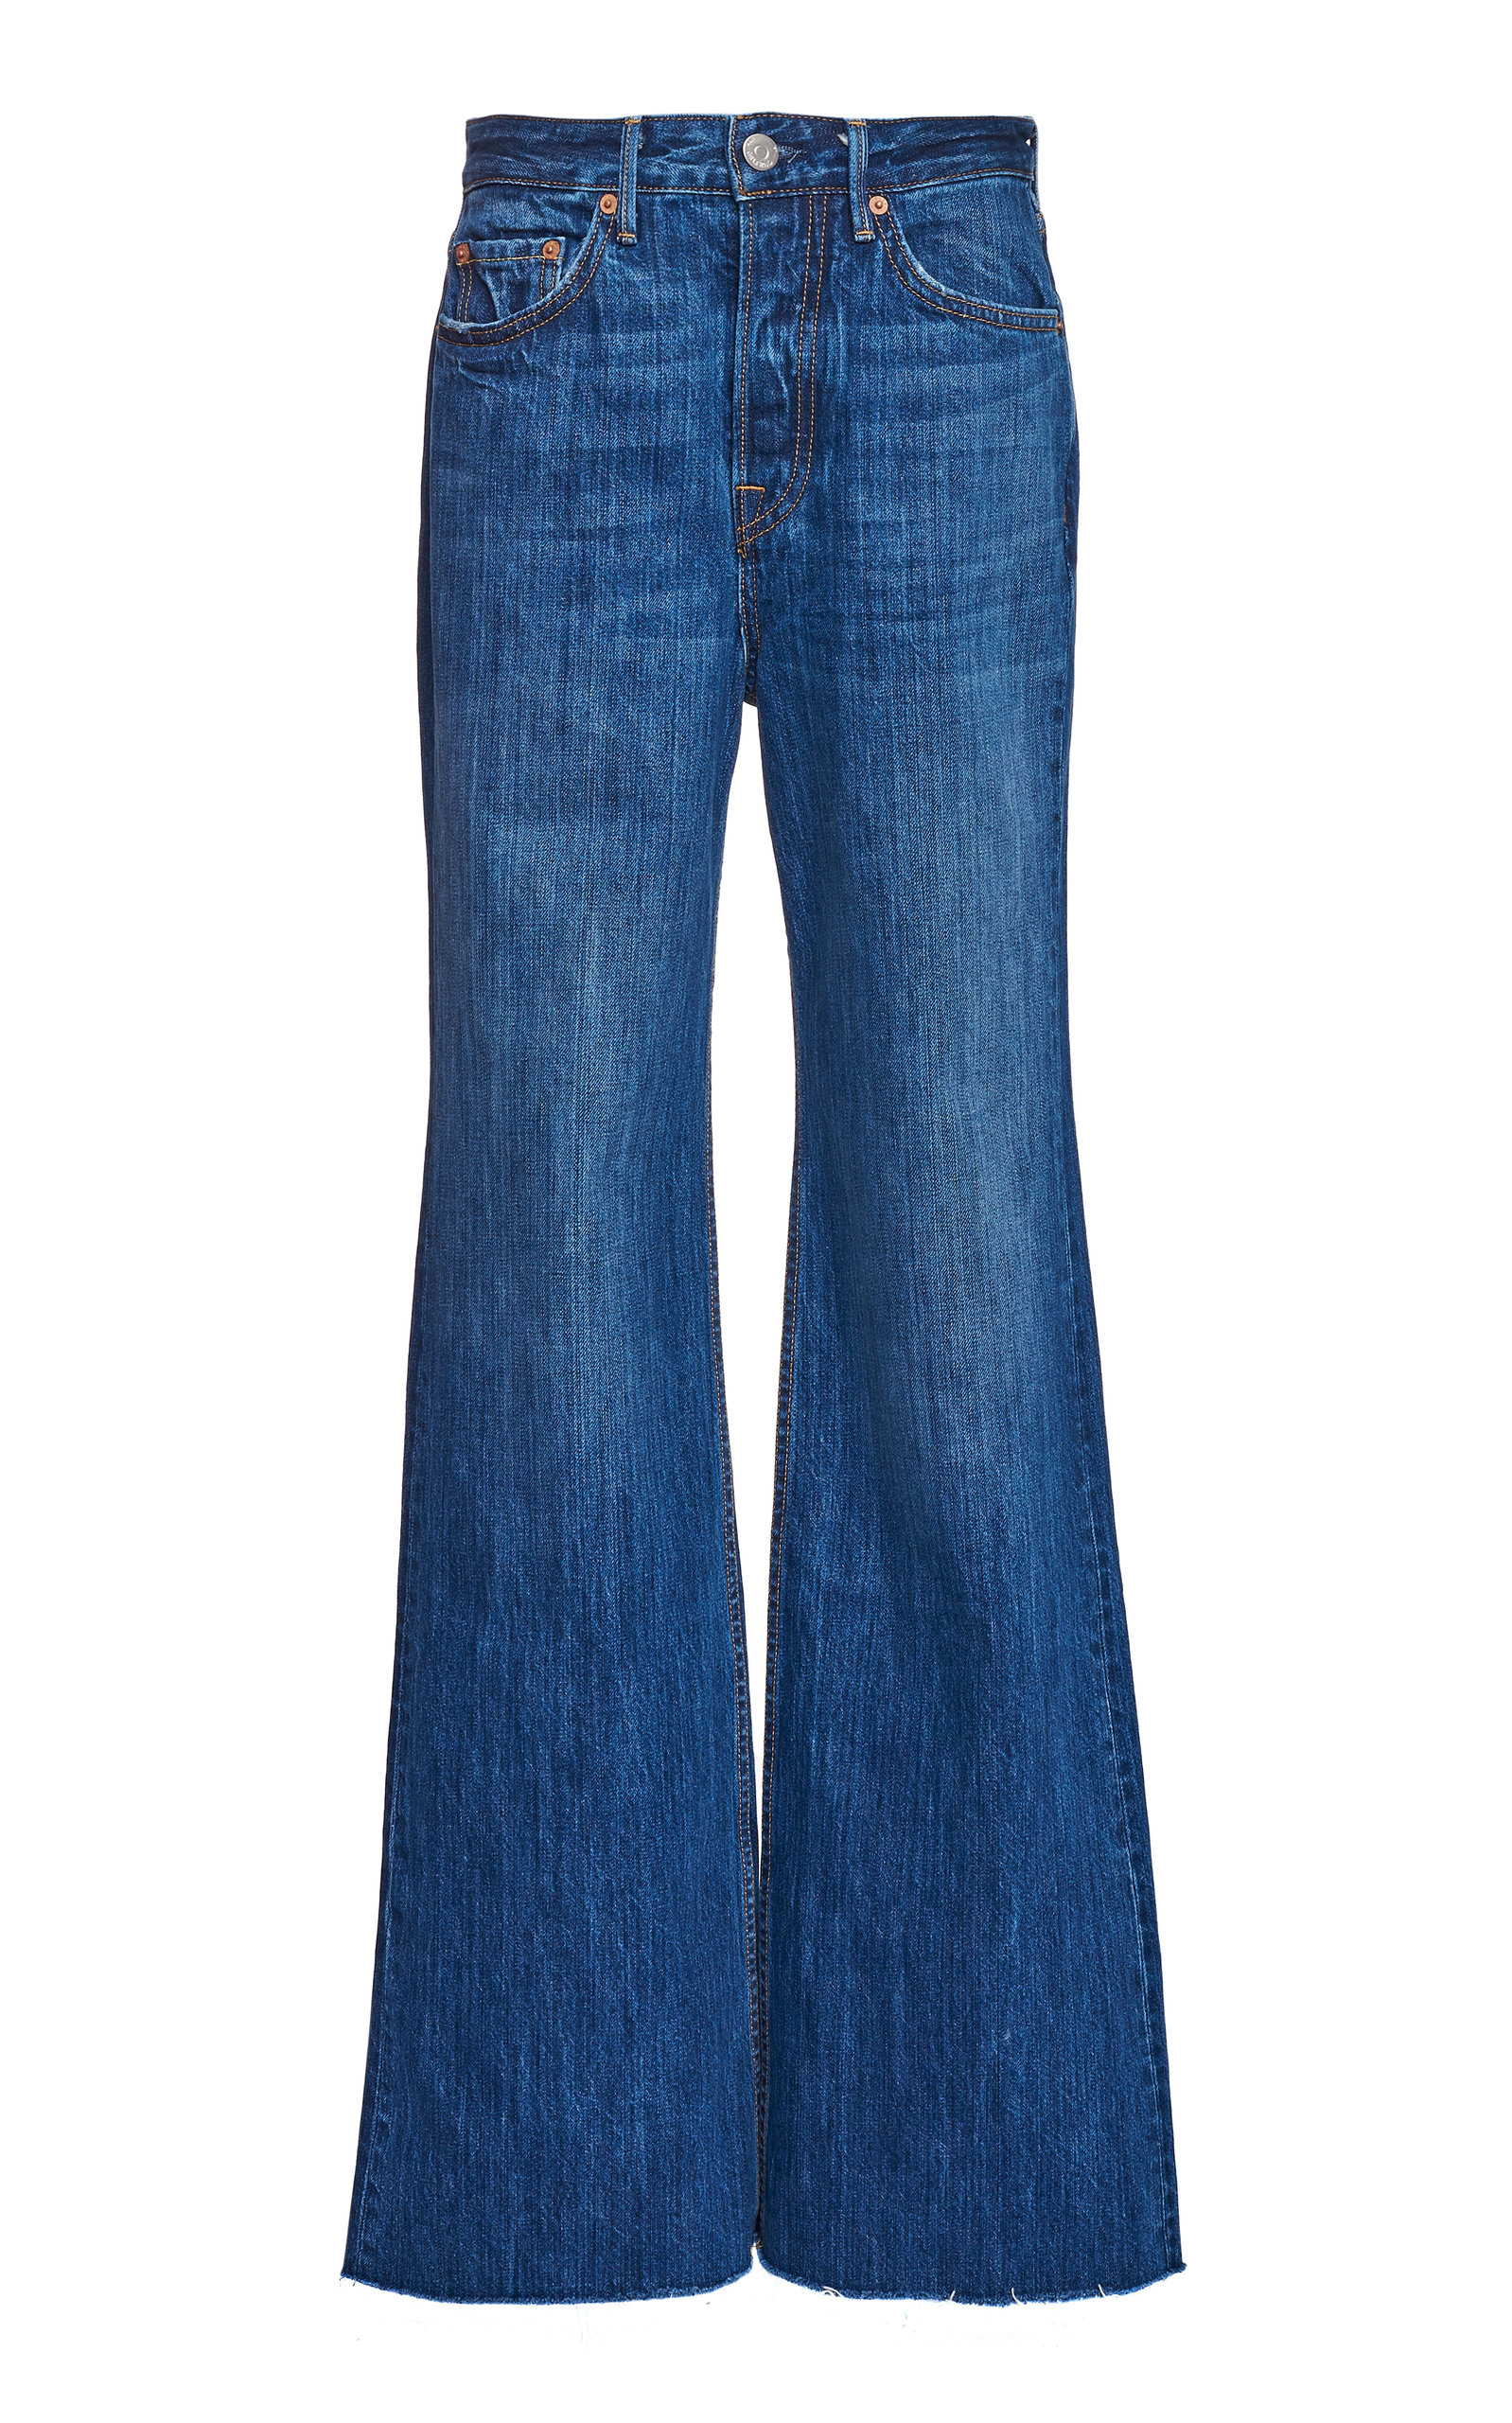 Grlfrnd Jeans CARLA HIGH-RISE WIDE-LEG JEANS